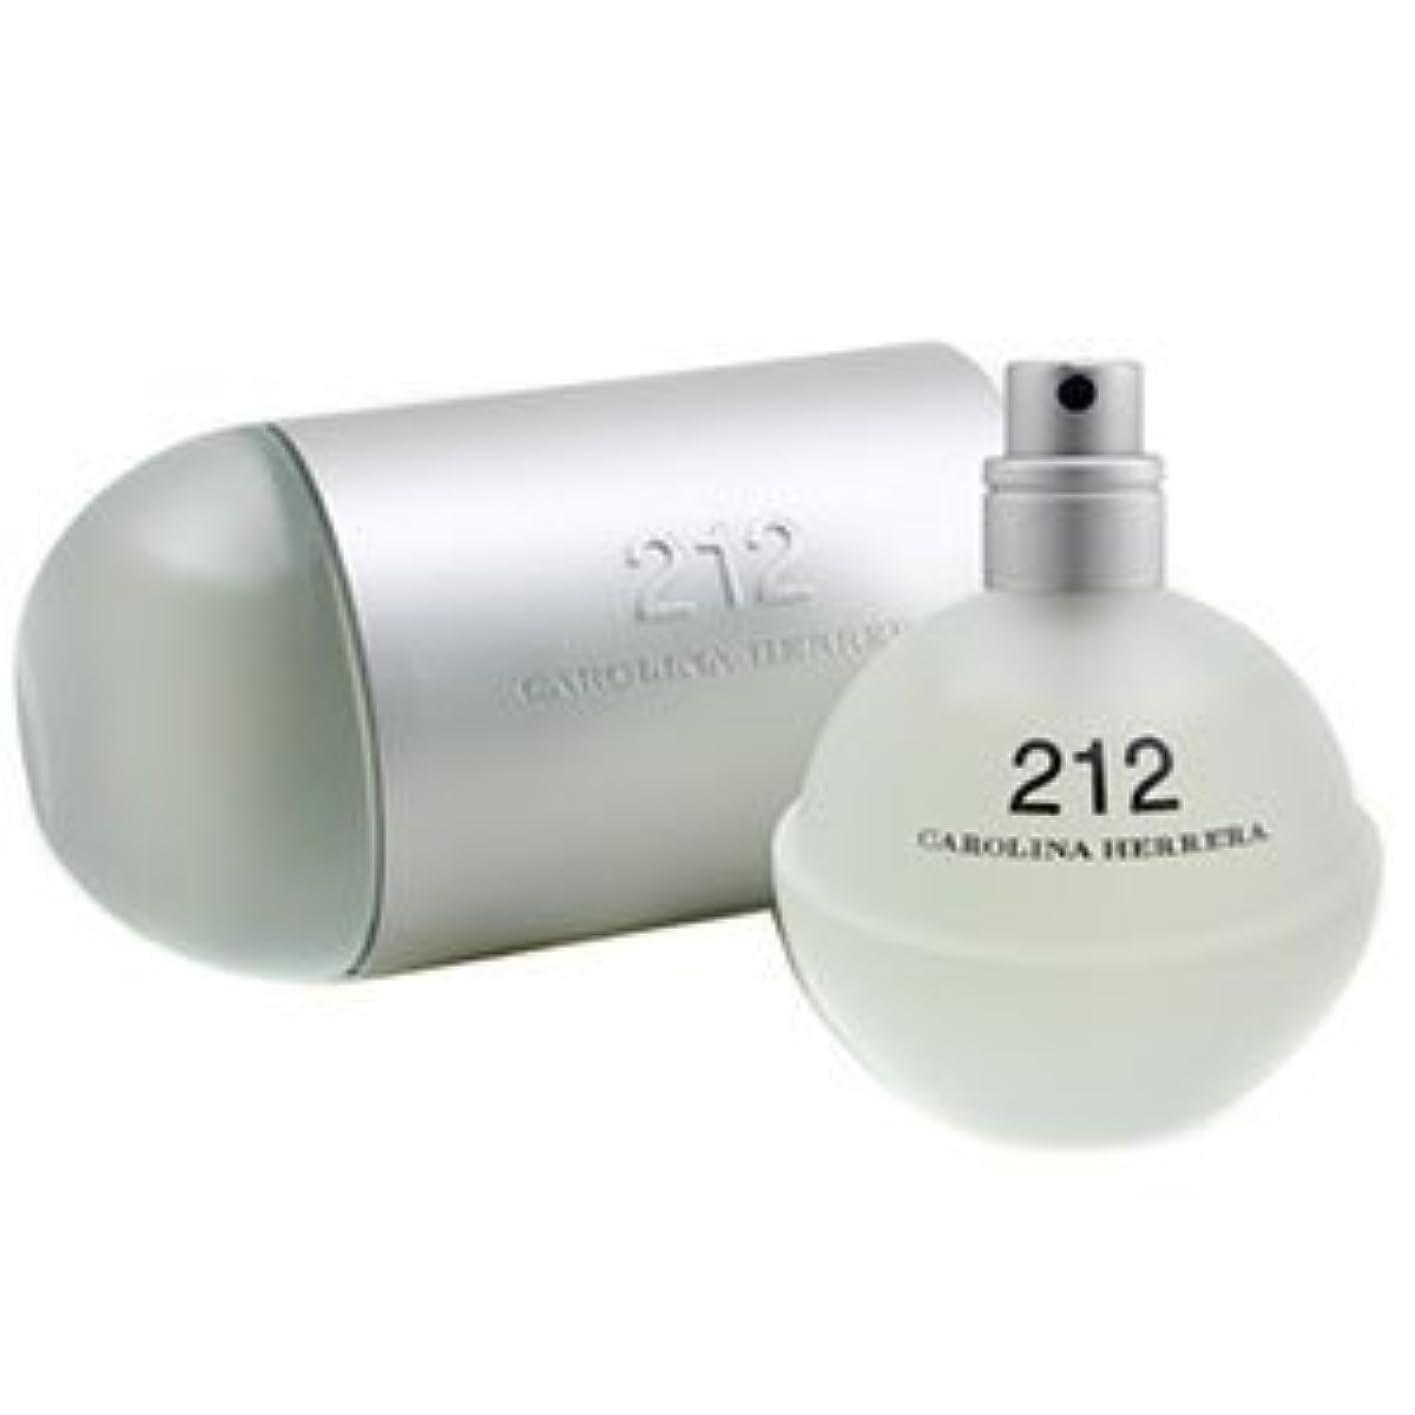 途方もない熟練した休日キャロライナ ヘレラ 香水 212 EDT SP 60ml ( 30ml ×2) 【並行輸入品】